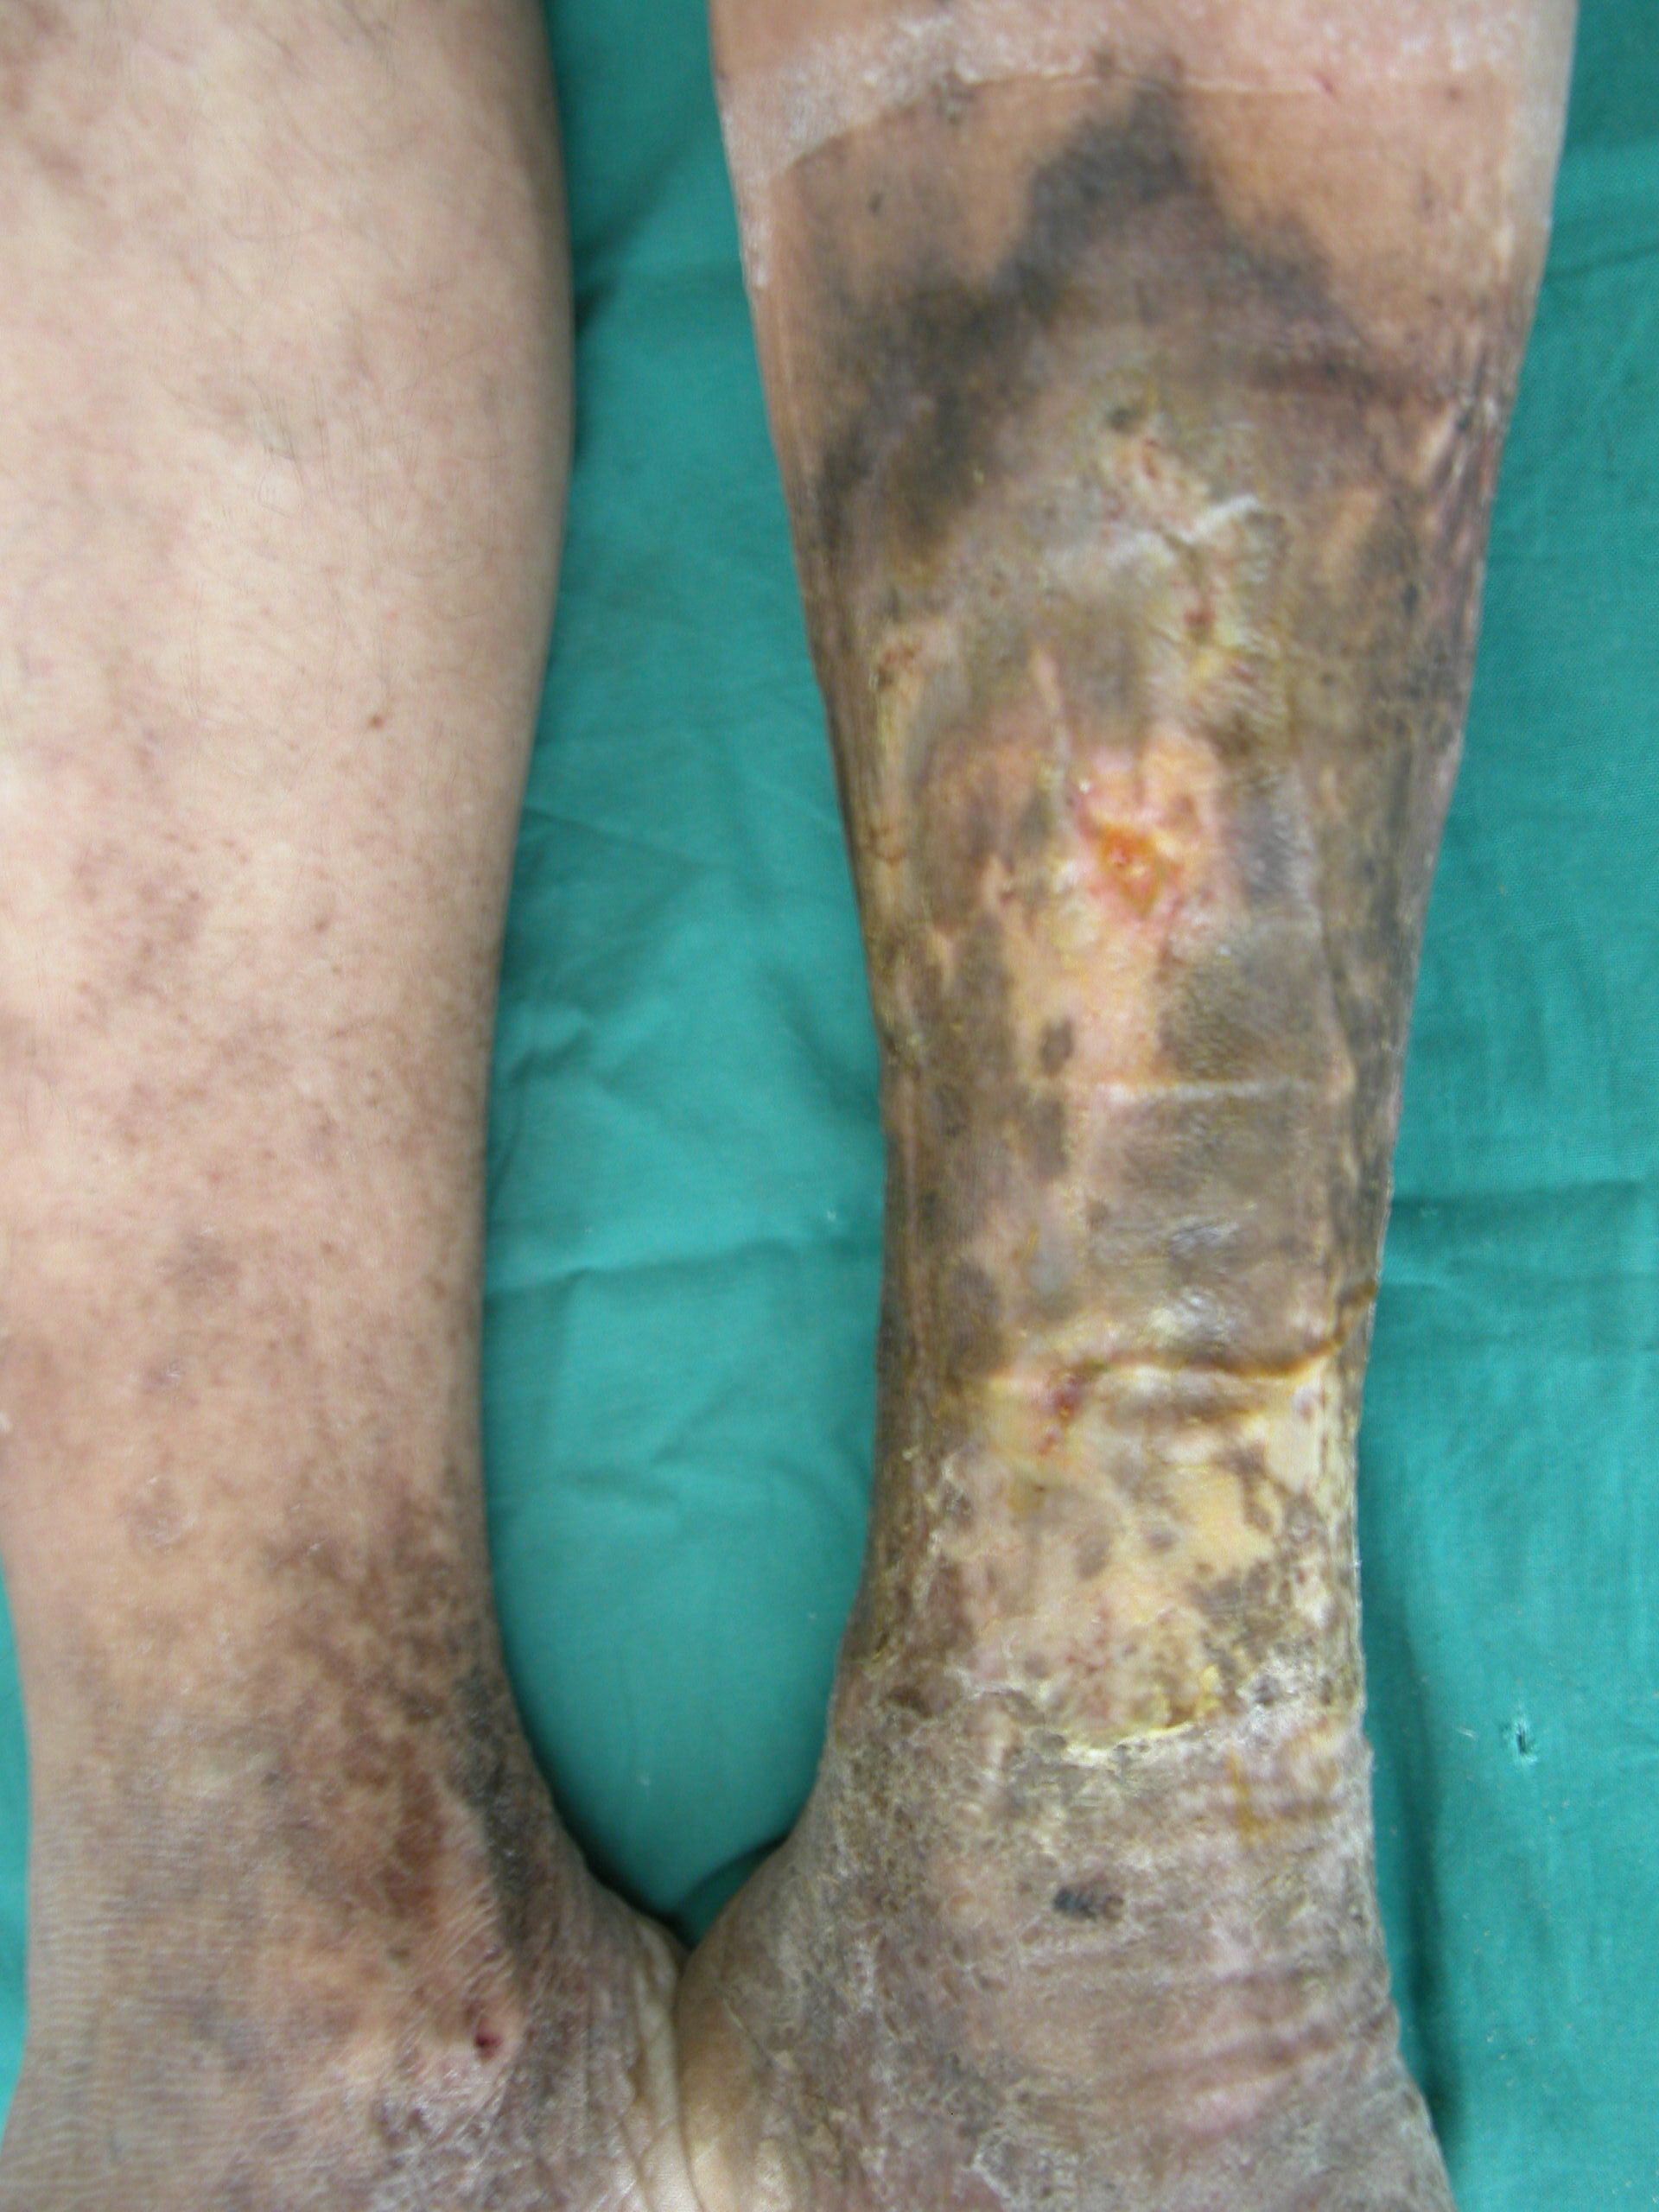 Vene varicose con ulcera guarite. Formazione di croste, iperpigmentazione, curata dal Dott. Ykshim. S Yonsei ospedale Seoul, Corea.